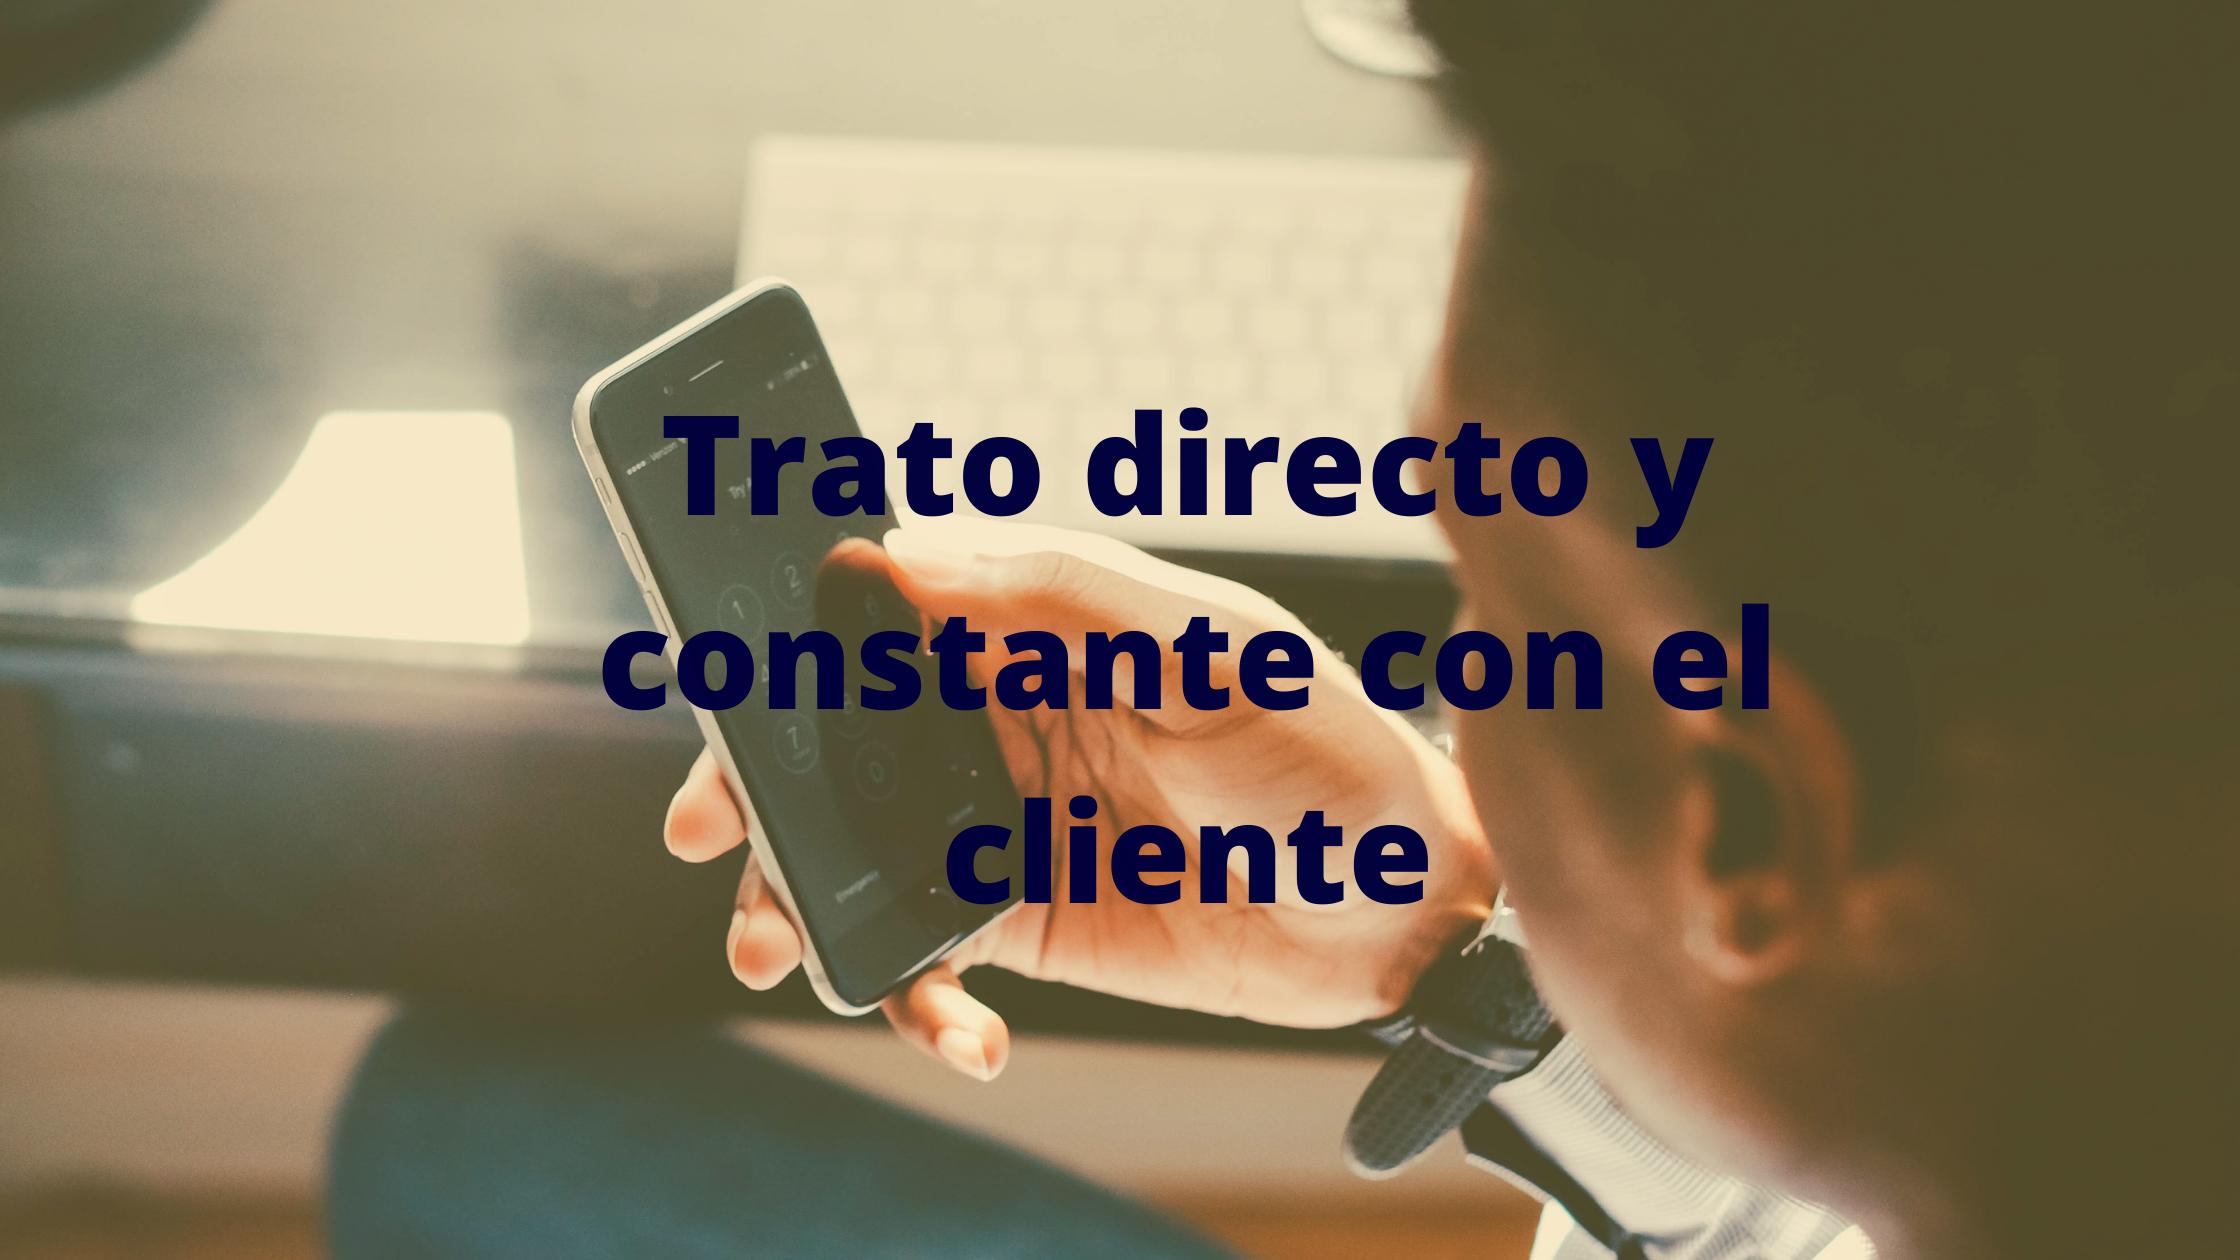 en confiasistencia hay un trato directo y constante con el cliente